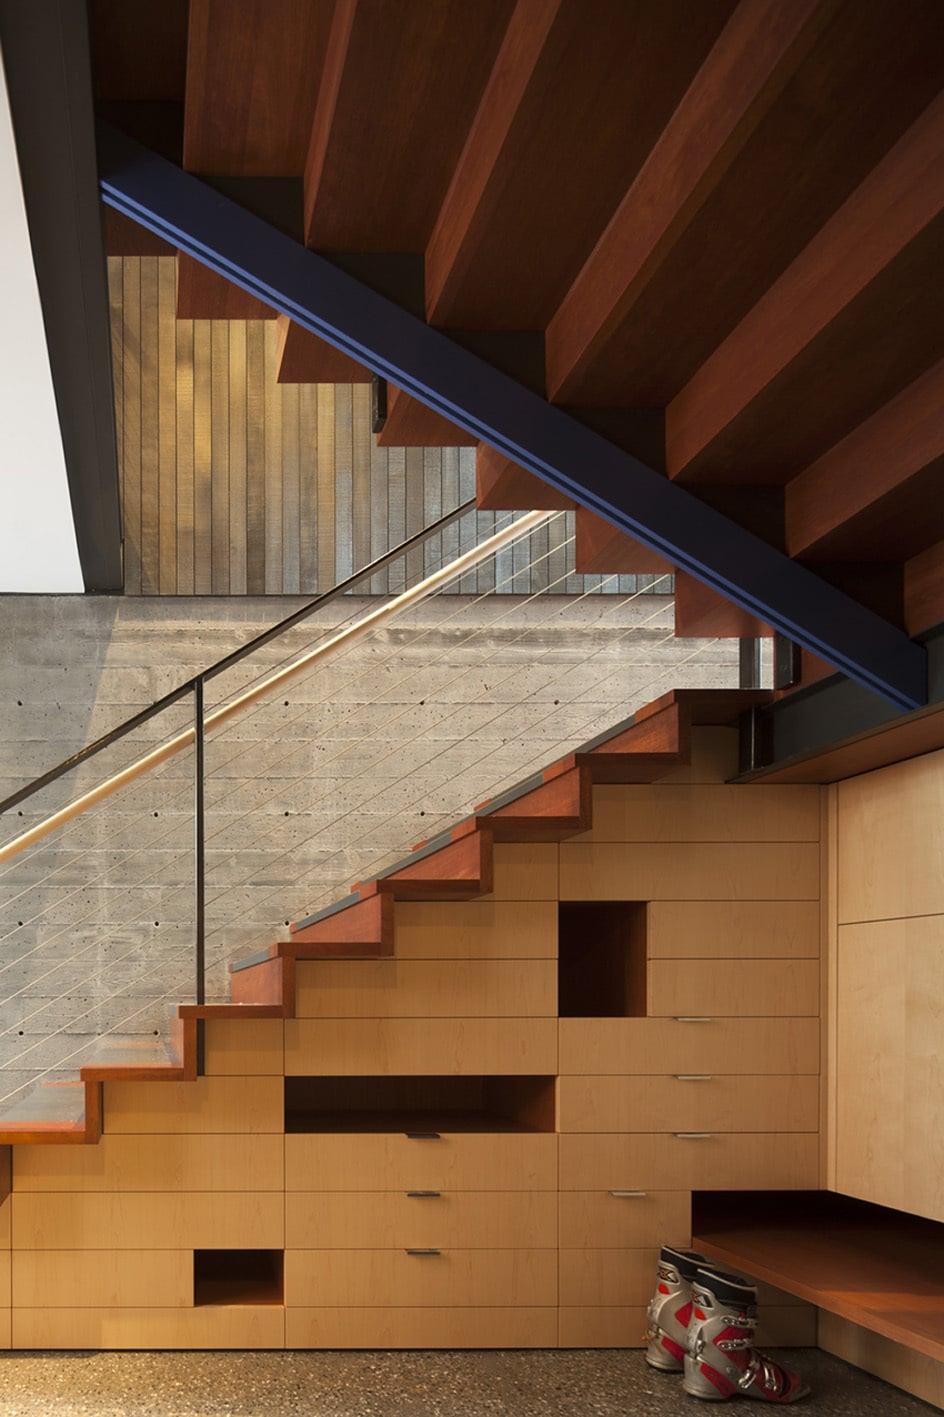 Dise o de casa dividida en dos partes planos e interiores - Disenos de escaleras de madera para interiores ...